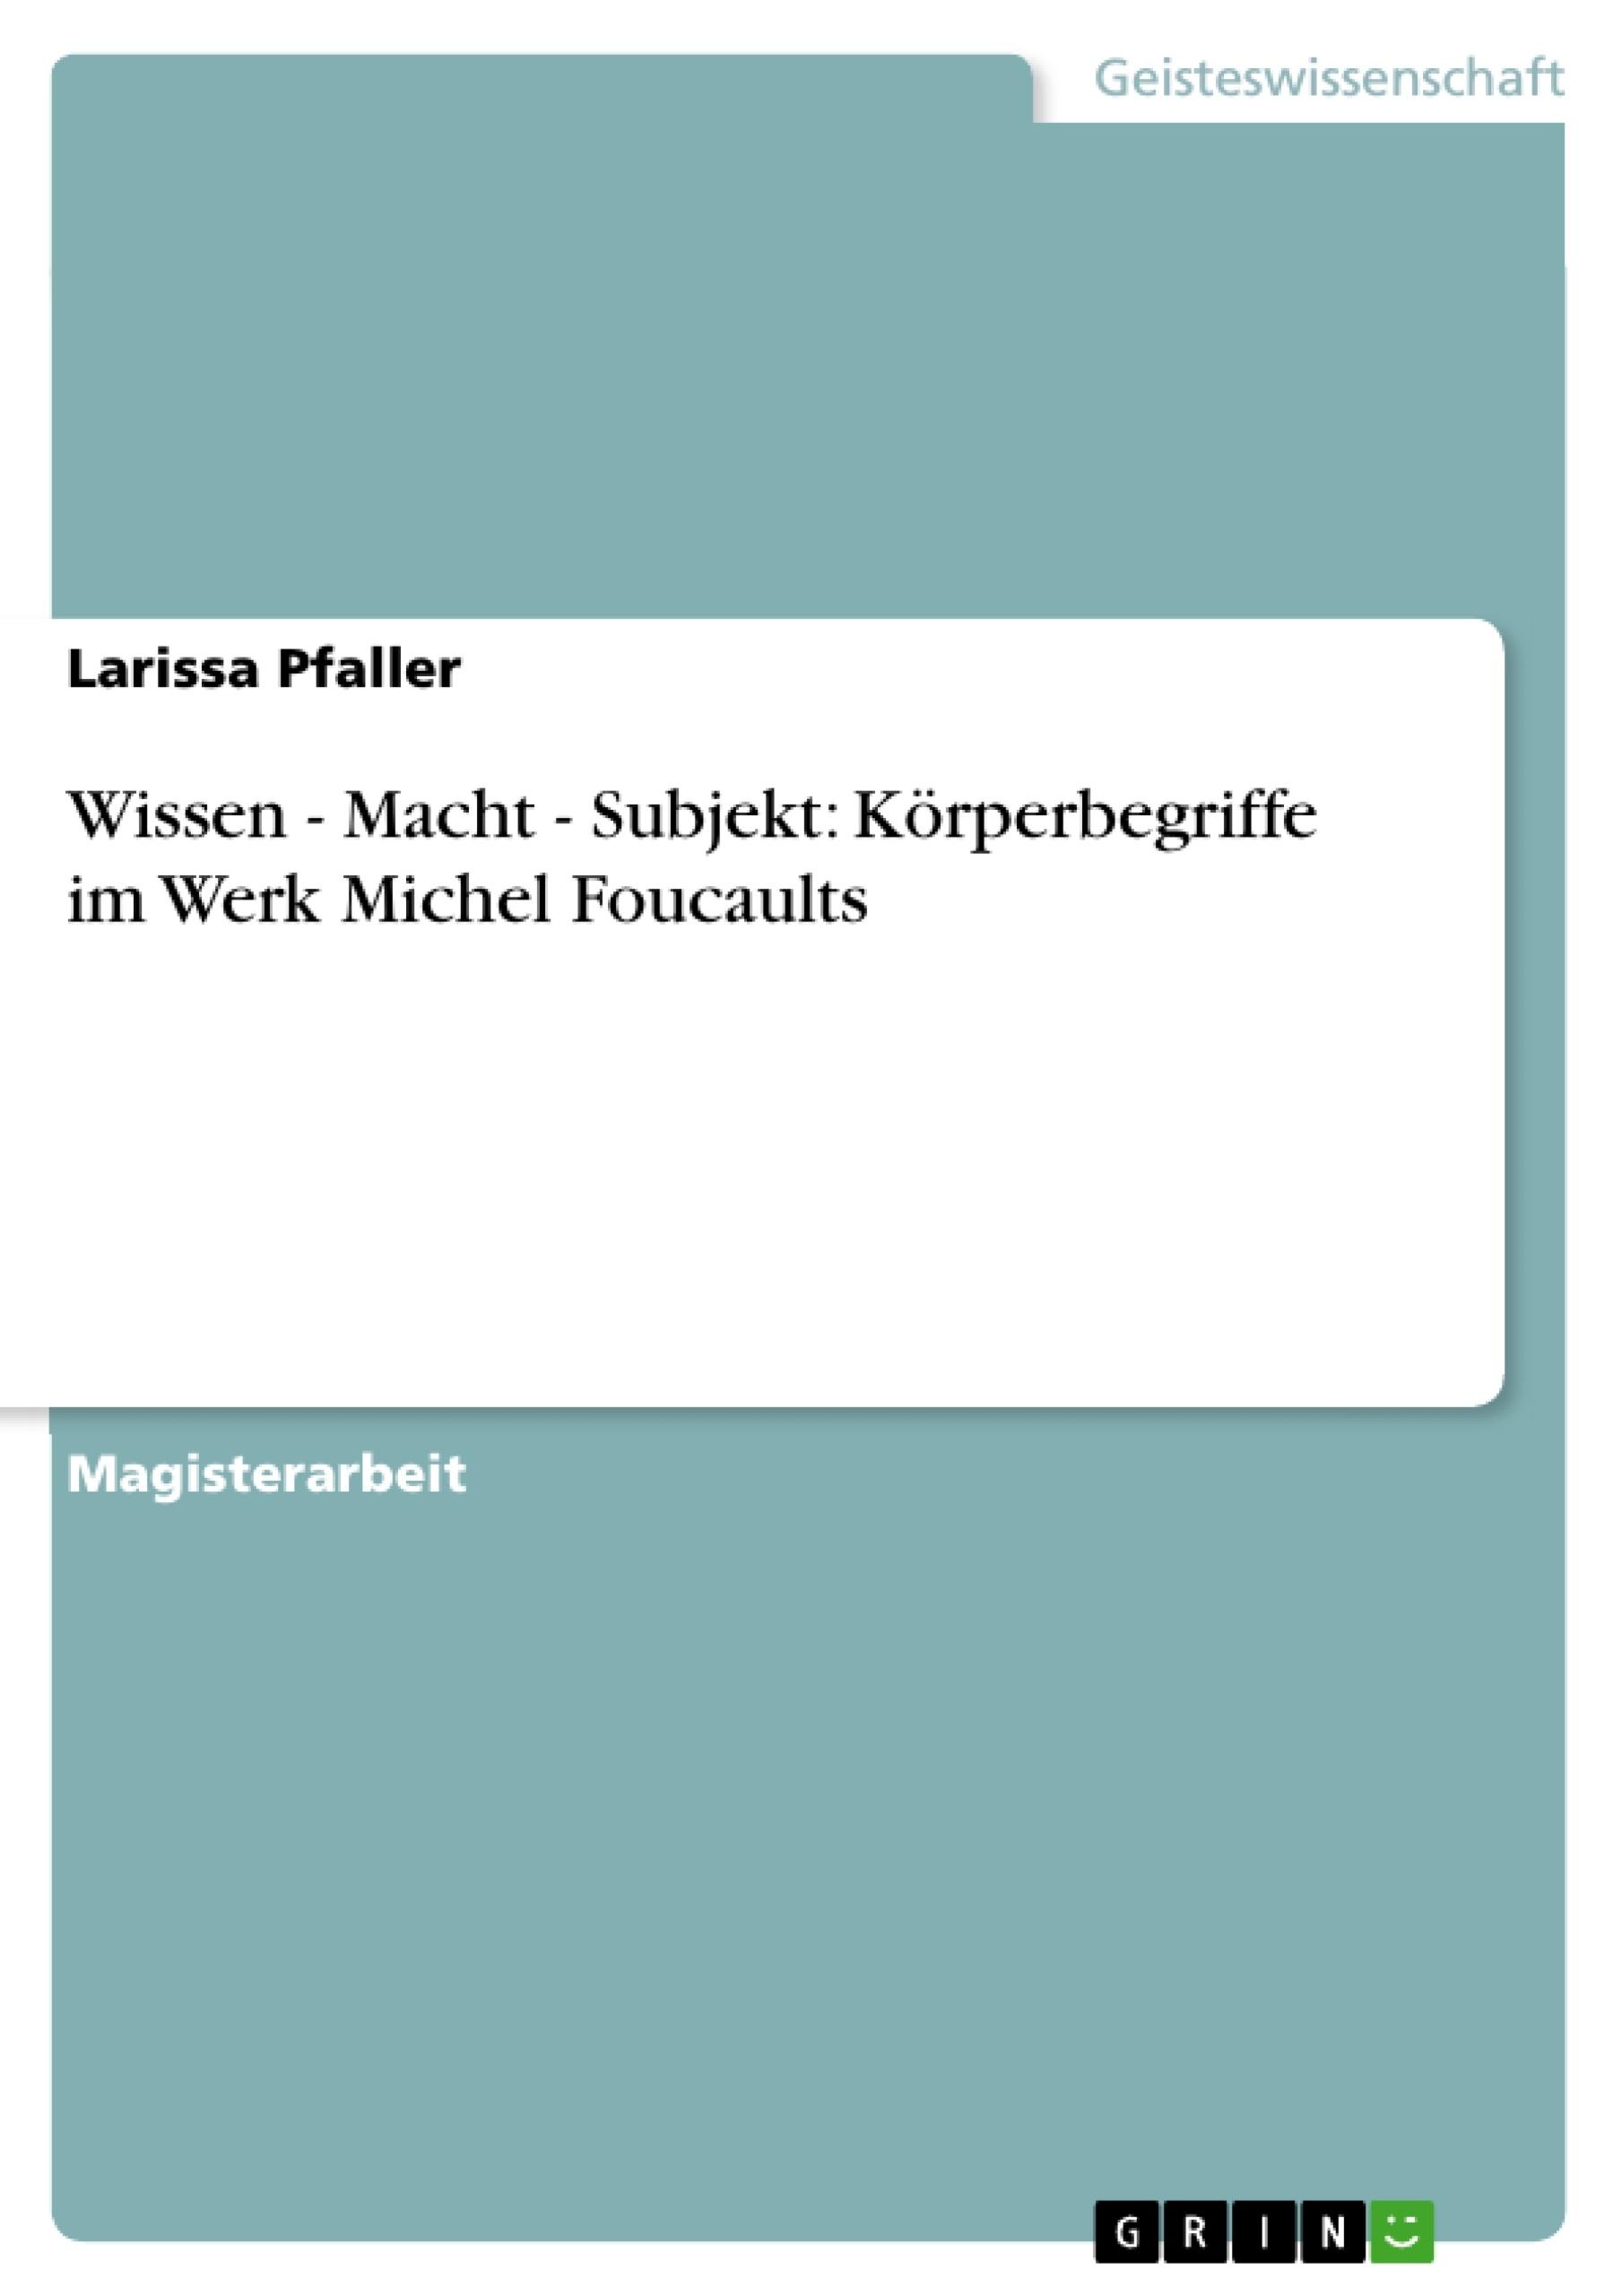 Titel: Wissen - Macht - Subjekt: Körperbegriffe im Werk Michel Foucaults